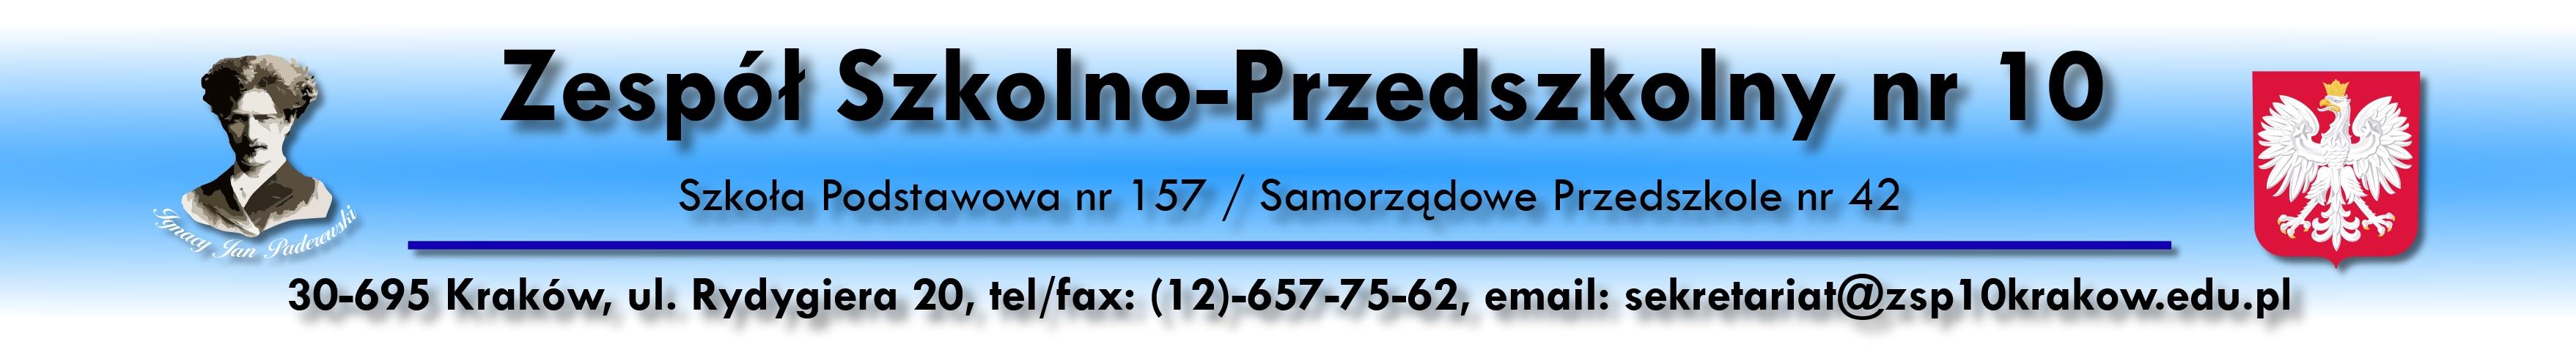 zsp10krakow.edu.pl